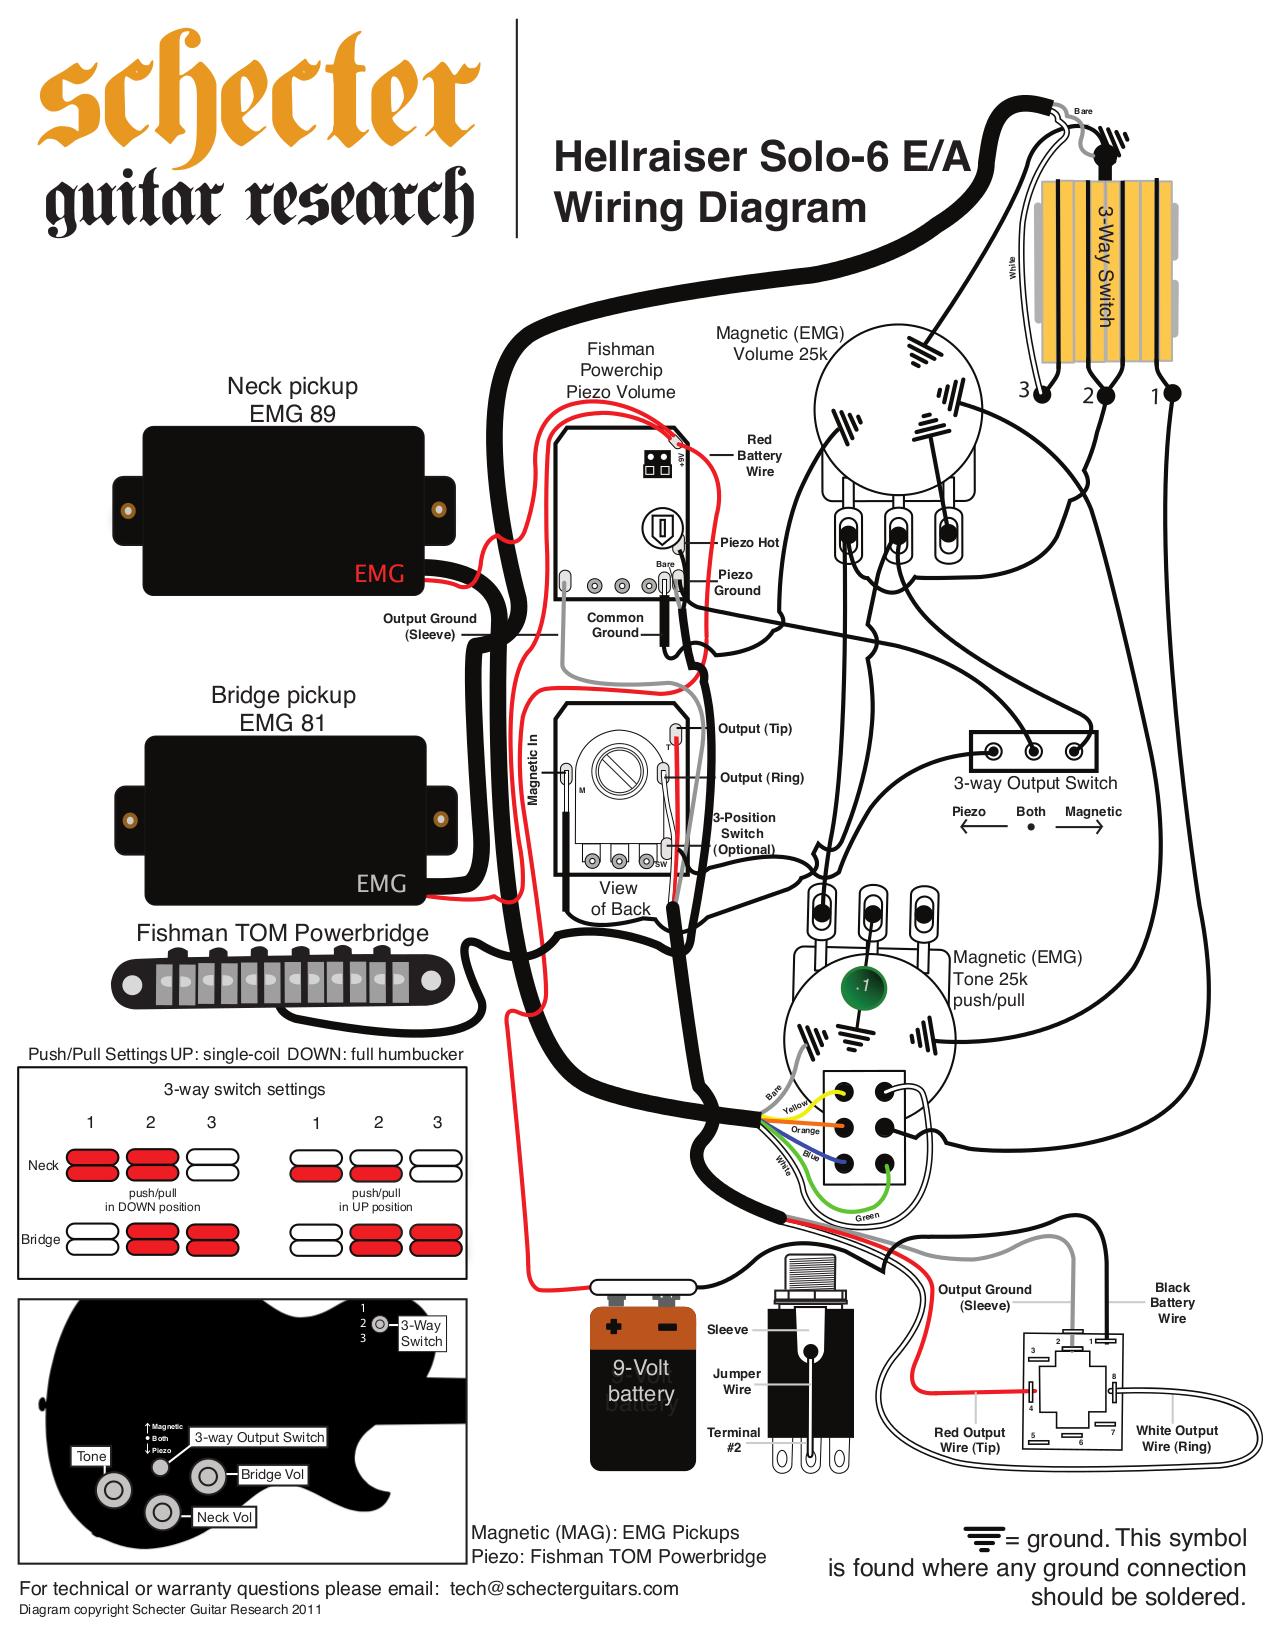 34 Schecter Diamond Series Wiring Diagram